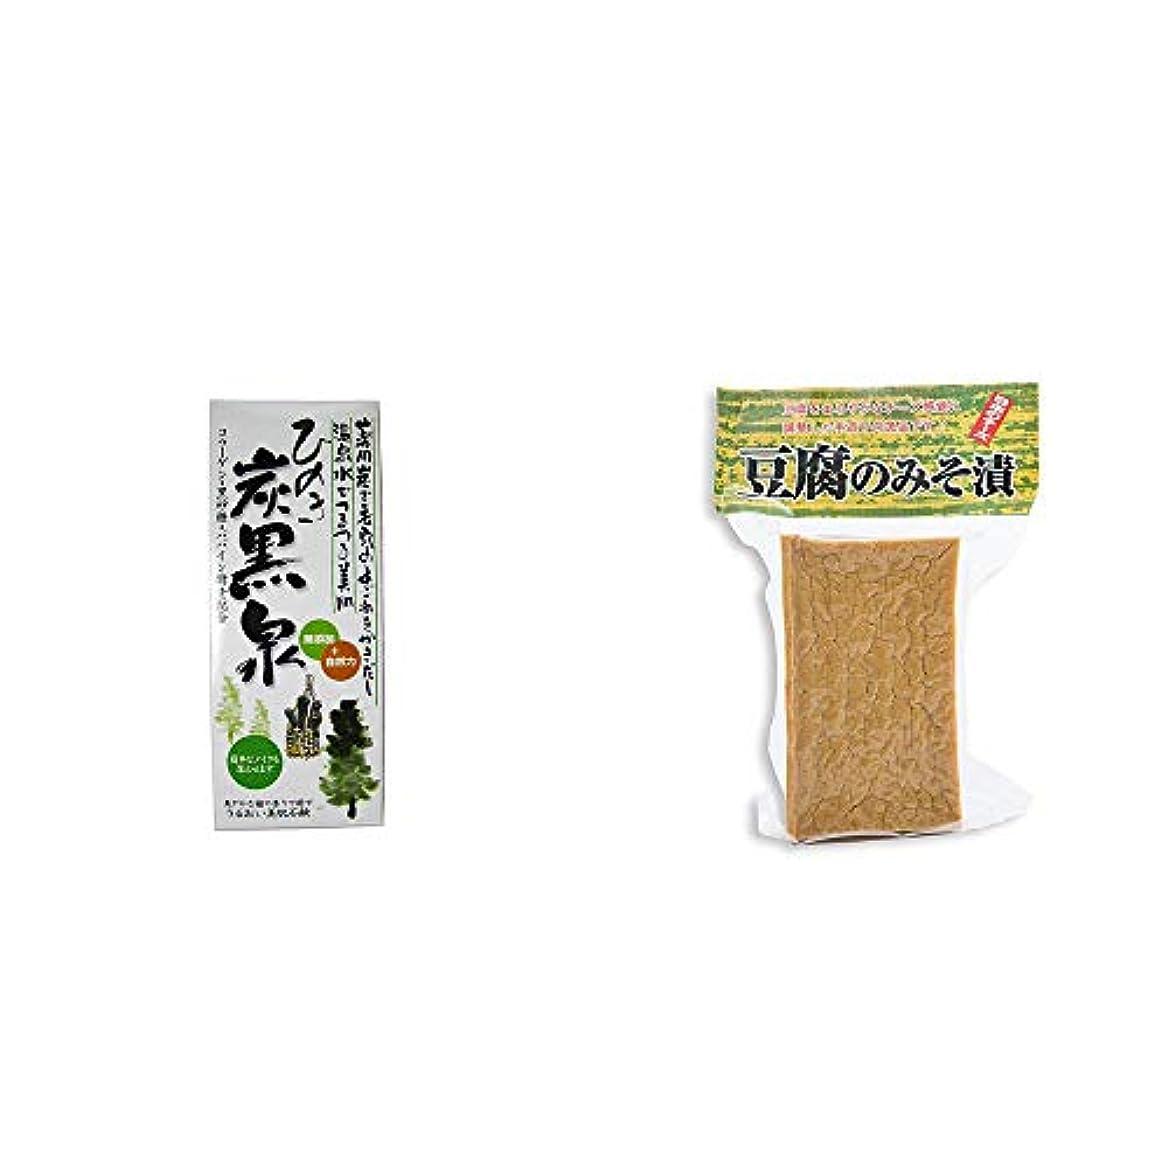 同意放つ寝室[2点セット] ひのき炭黒泉 箱入り(75g×3)?日本のチーズ 豆腐のみそ漬(1個入)